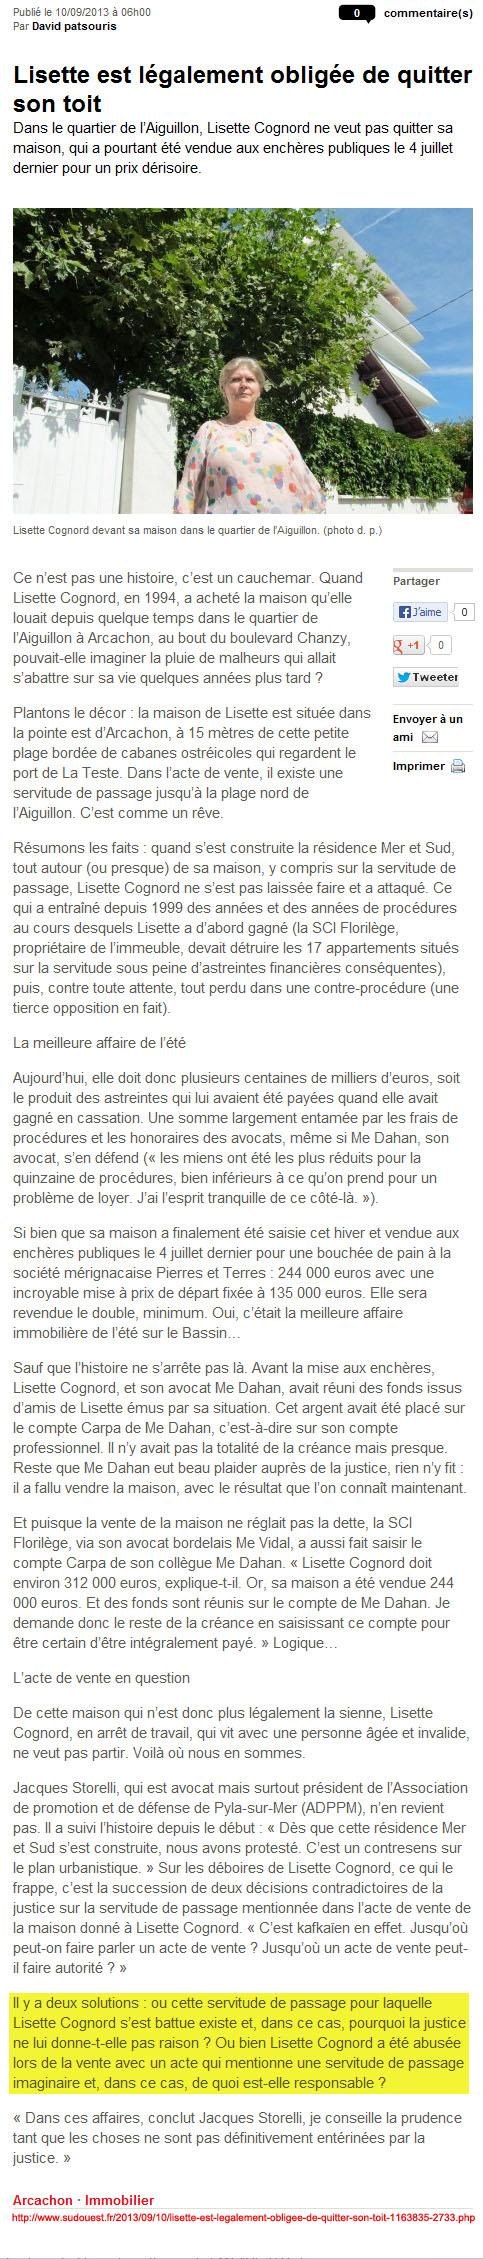 Lisette est légalement obligée de quitter son toit - Sud-Ouest du 10 Septembre 2013